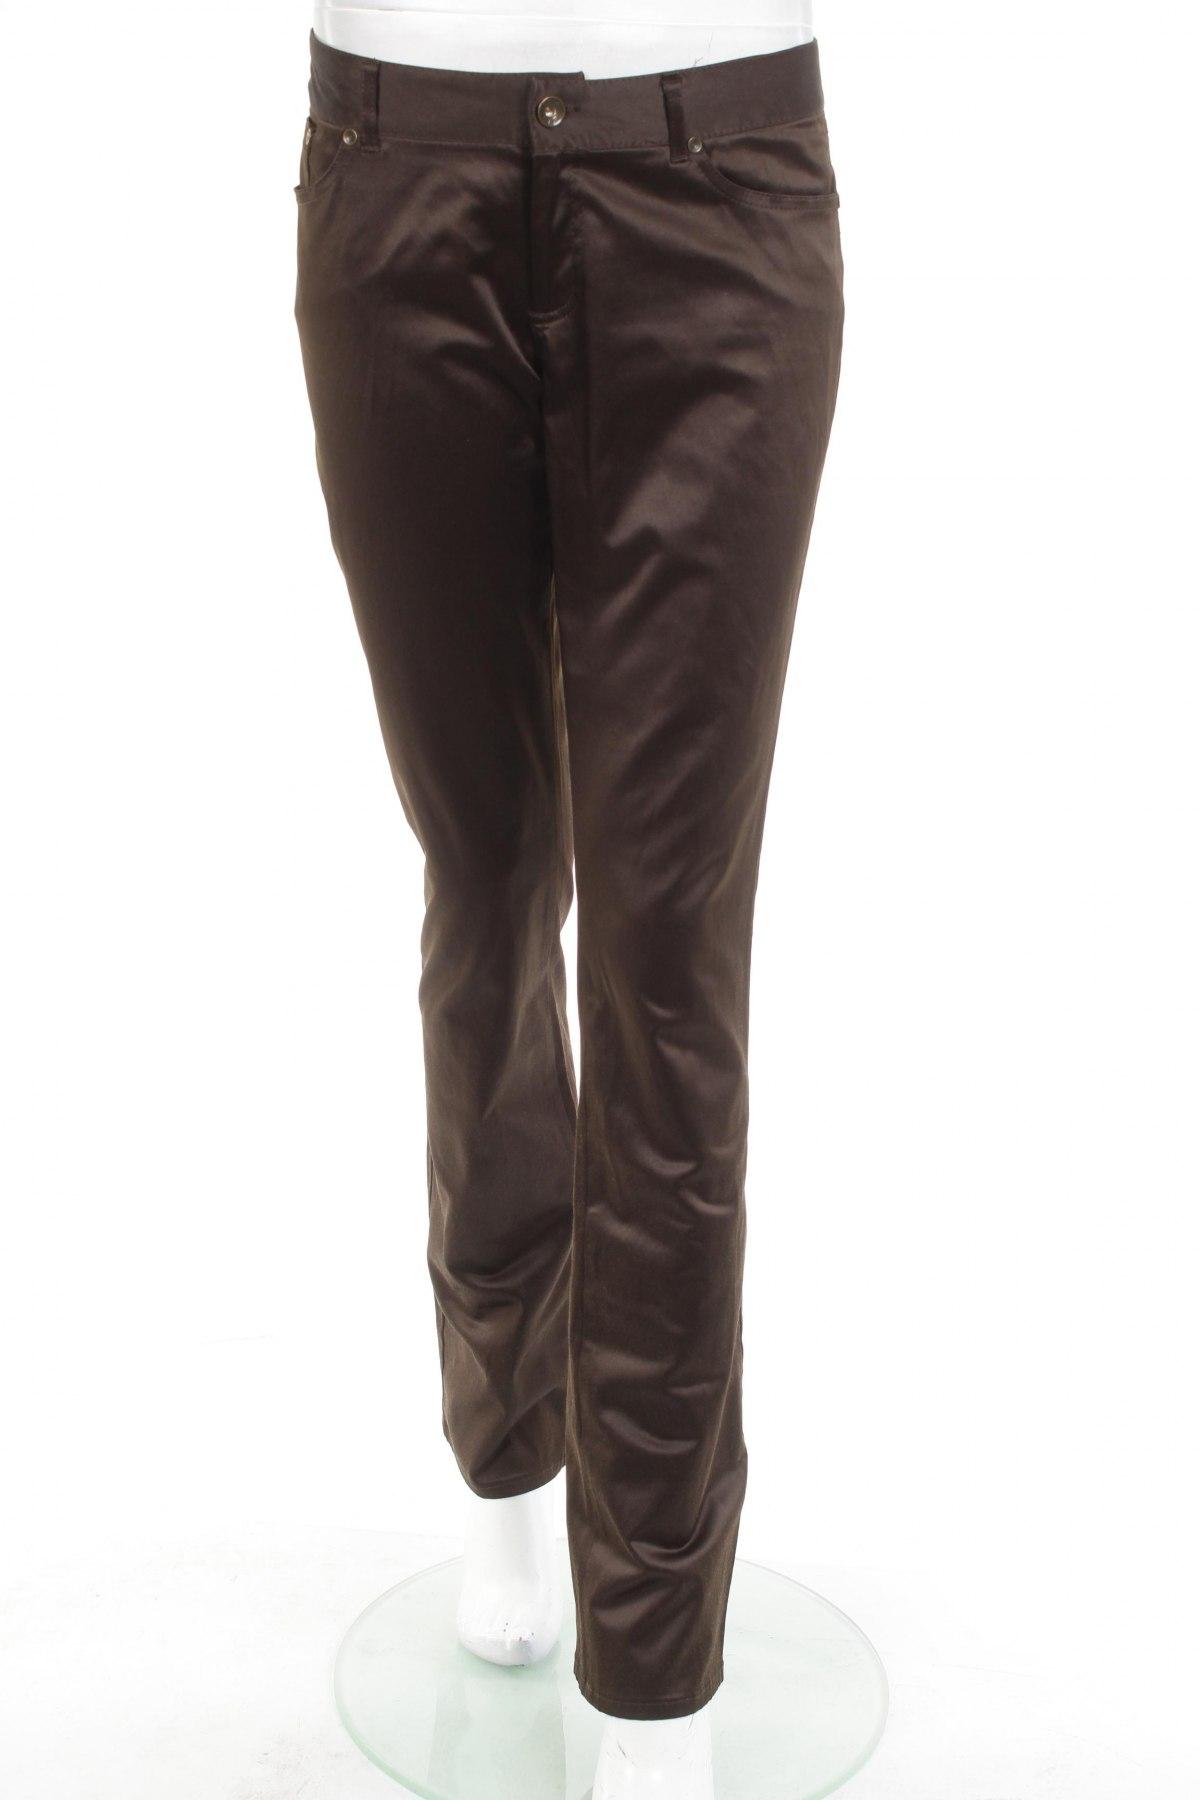 76d2ee8b65 Dámske nohavice Zara - za výhodnú cenu na Remix -  101844221